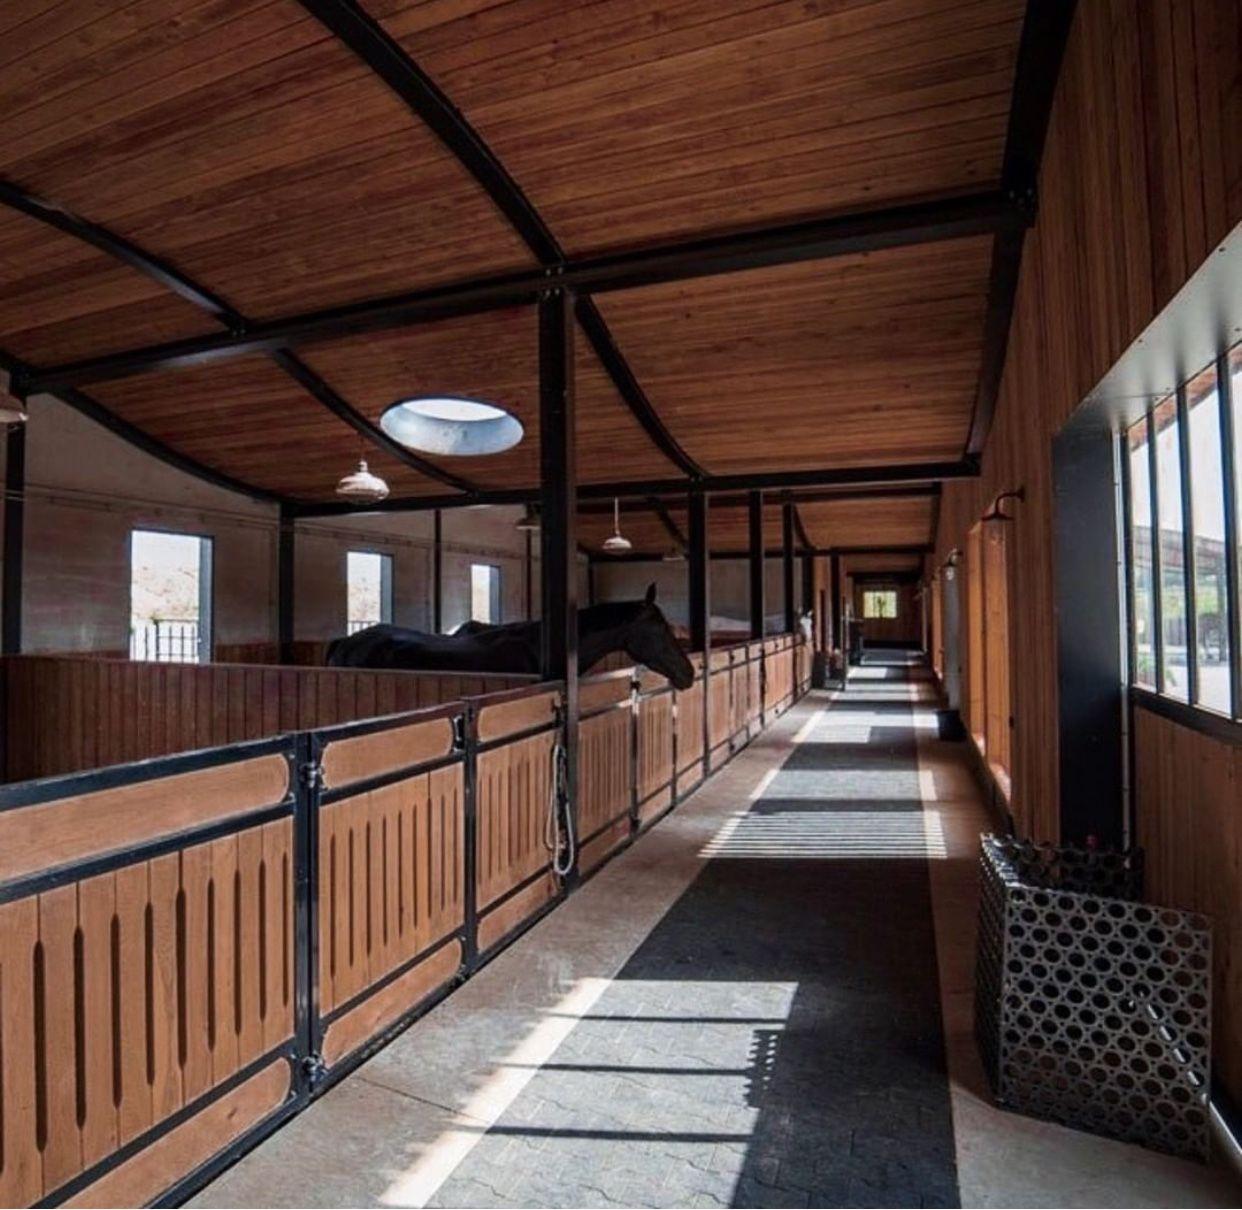 Pin Von Damarisblock Auf Farmlife Pferdeboxen Pferdestall Pferdestall Designs